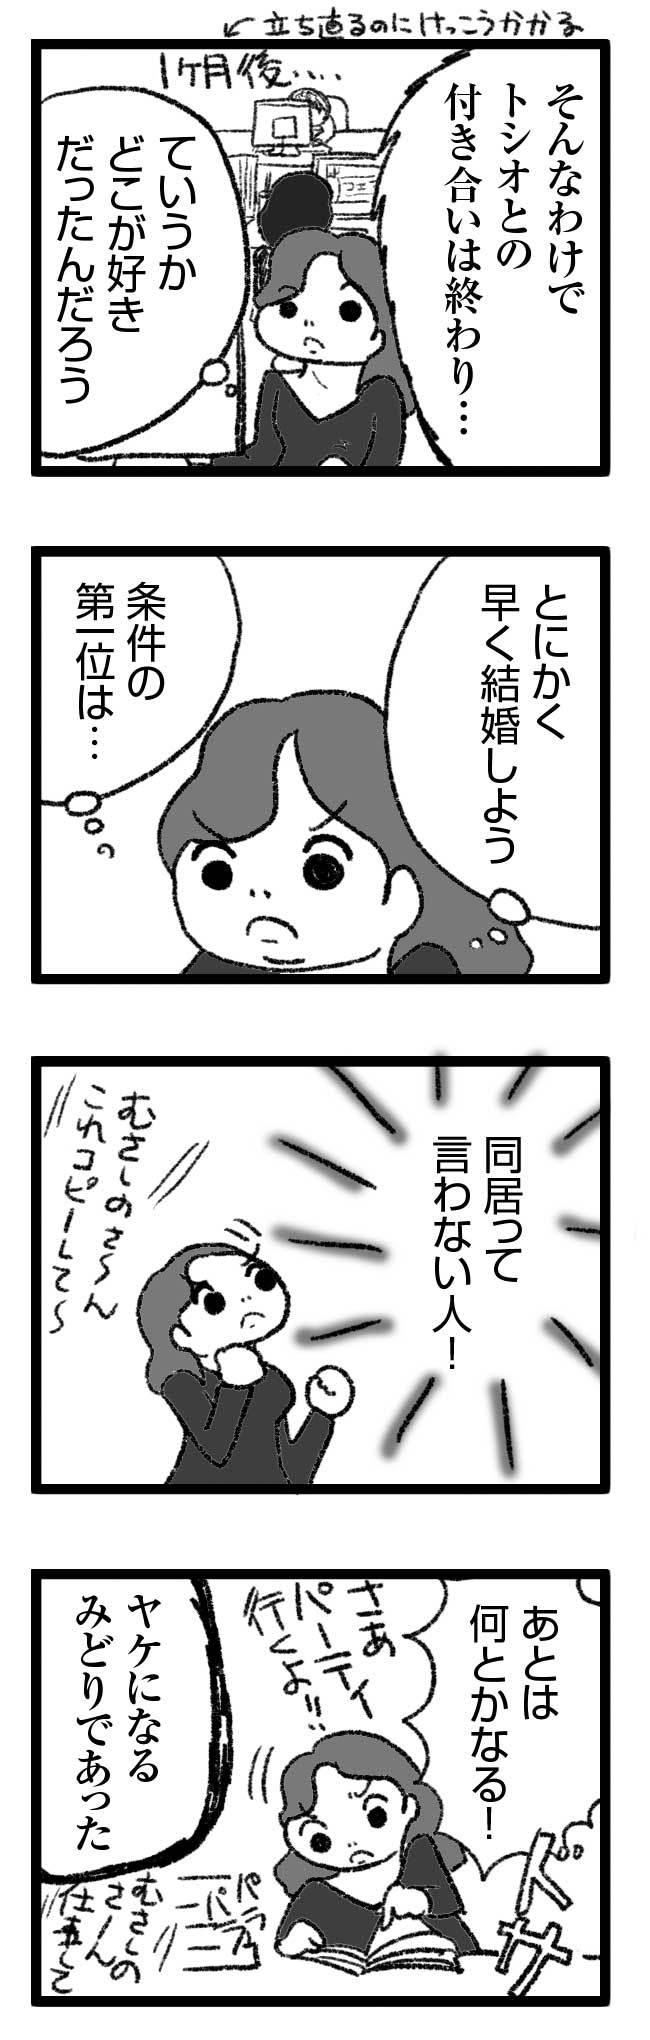 トシオ18 同居 結婚 婚活 漫画 マンガ まんが レス